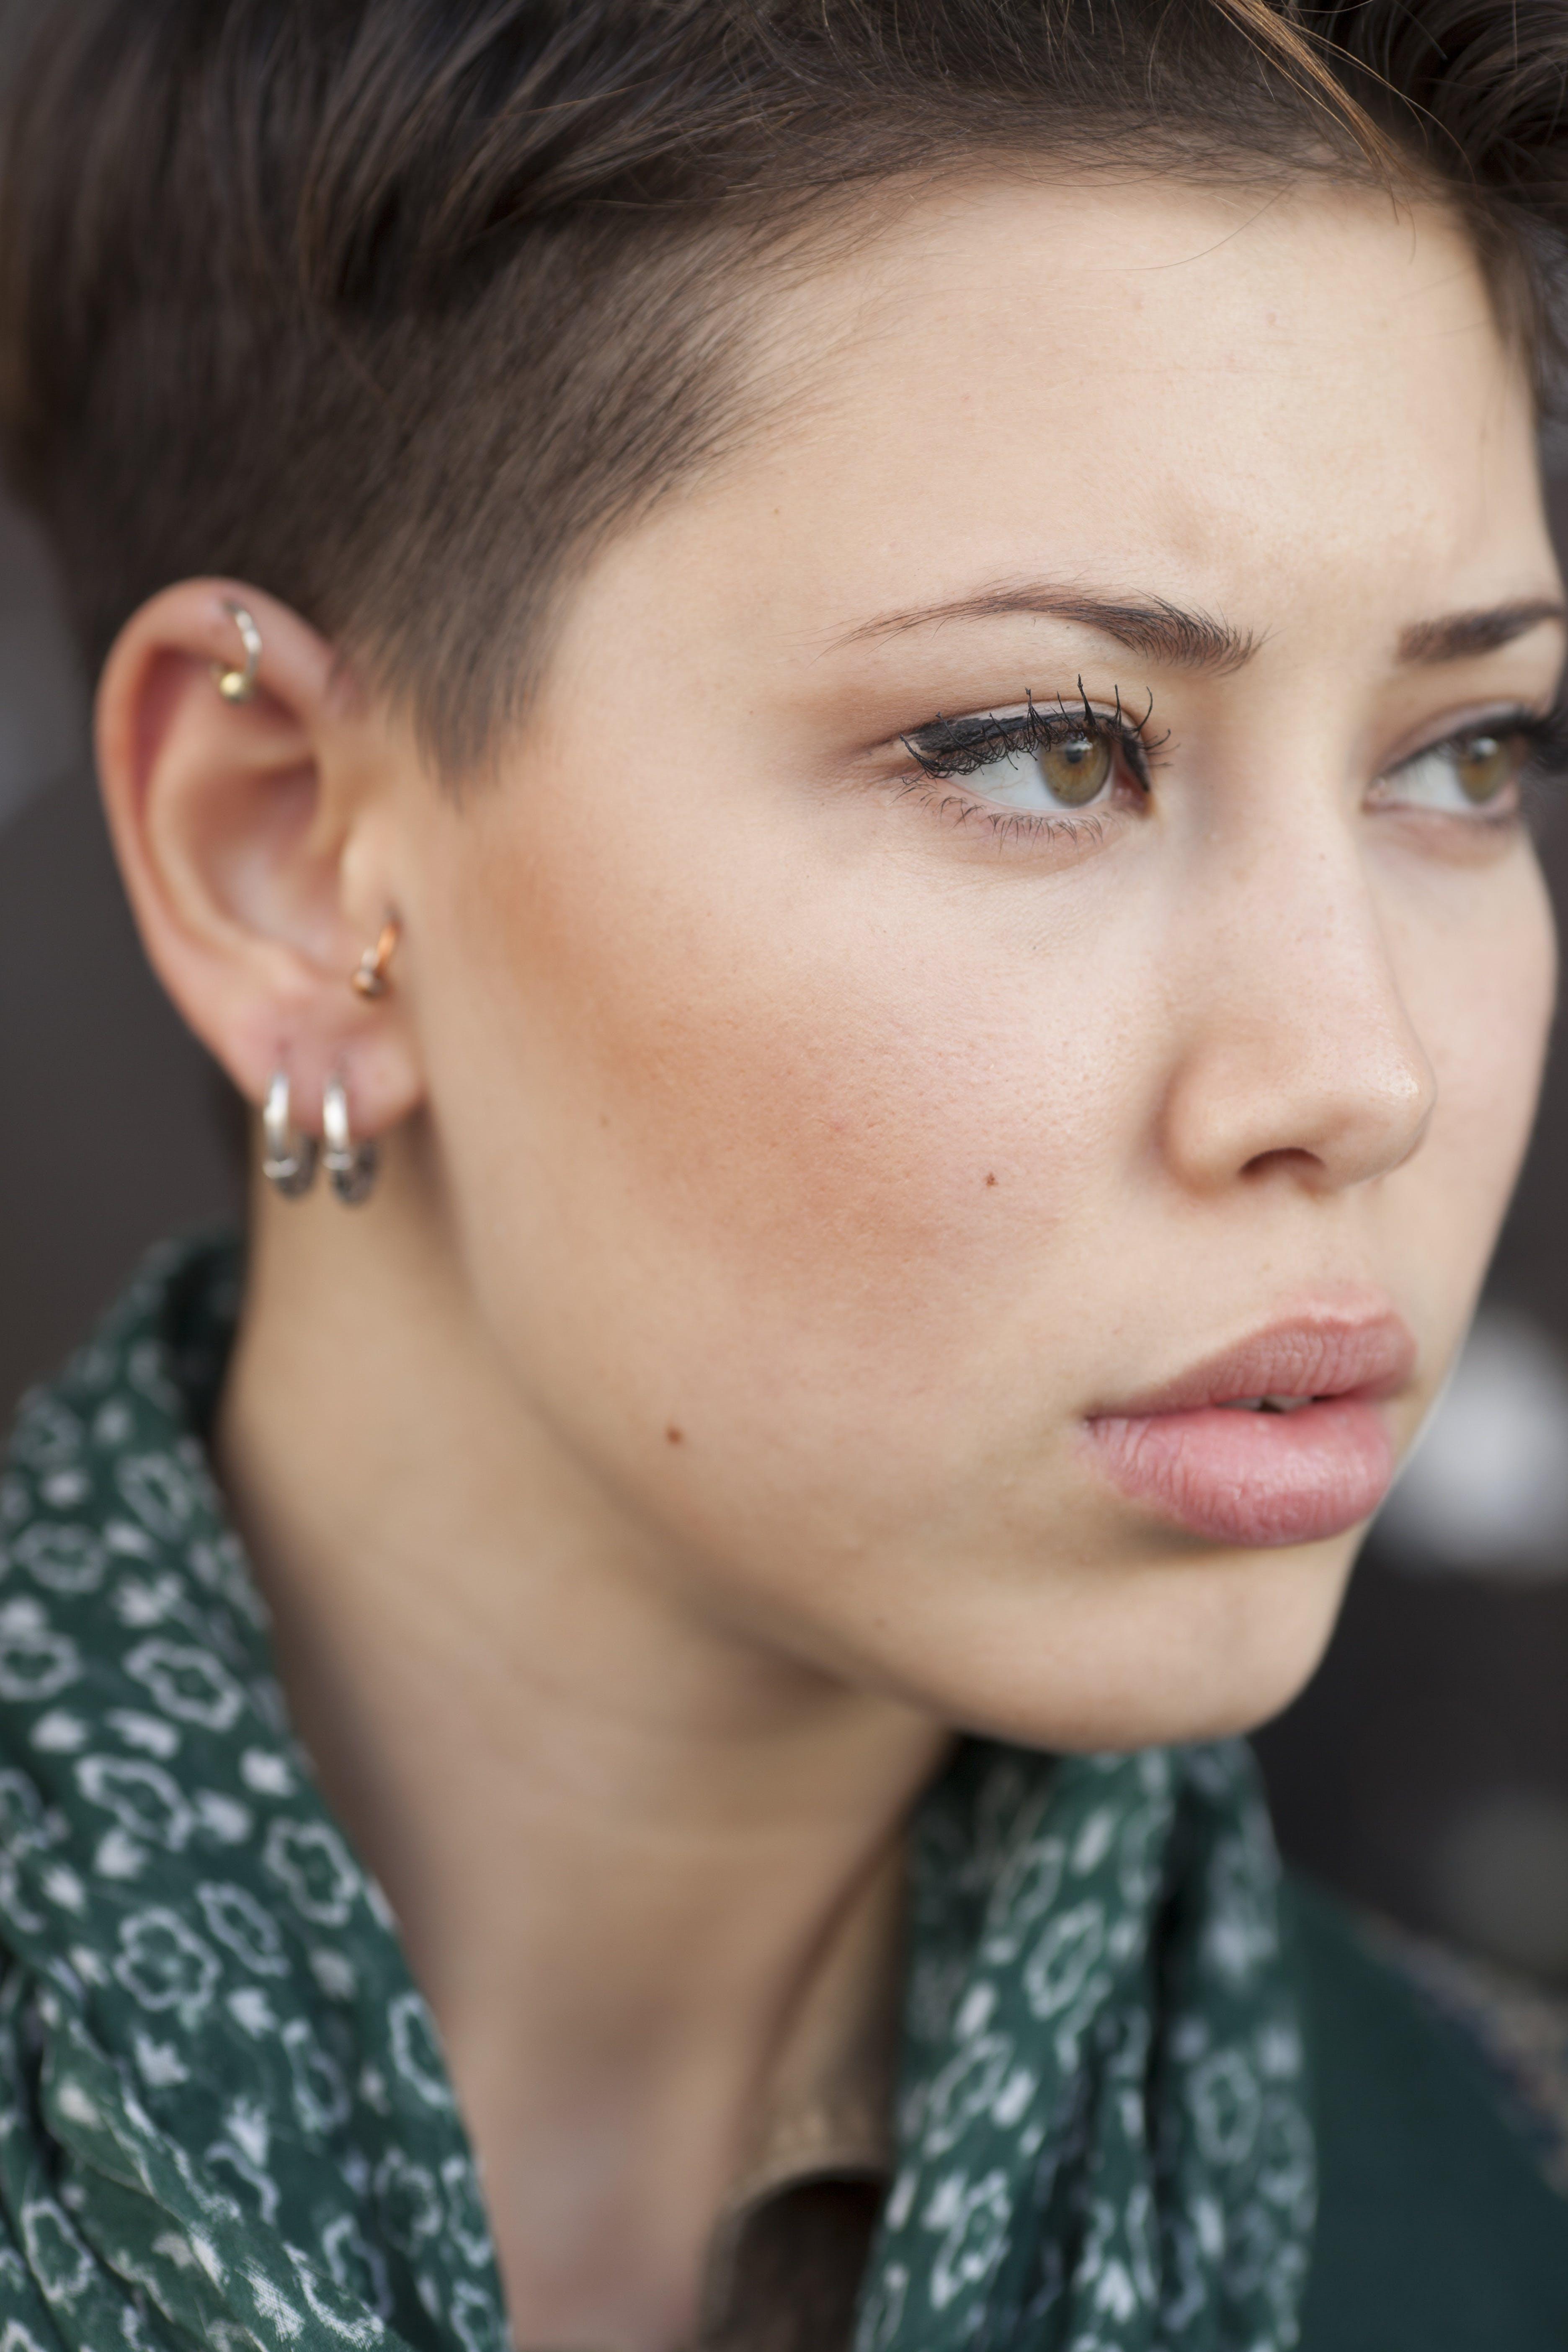 Woman Looking Thru